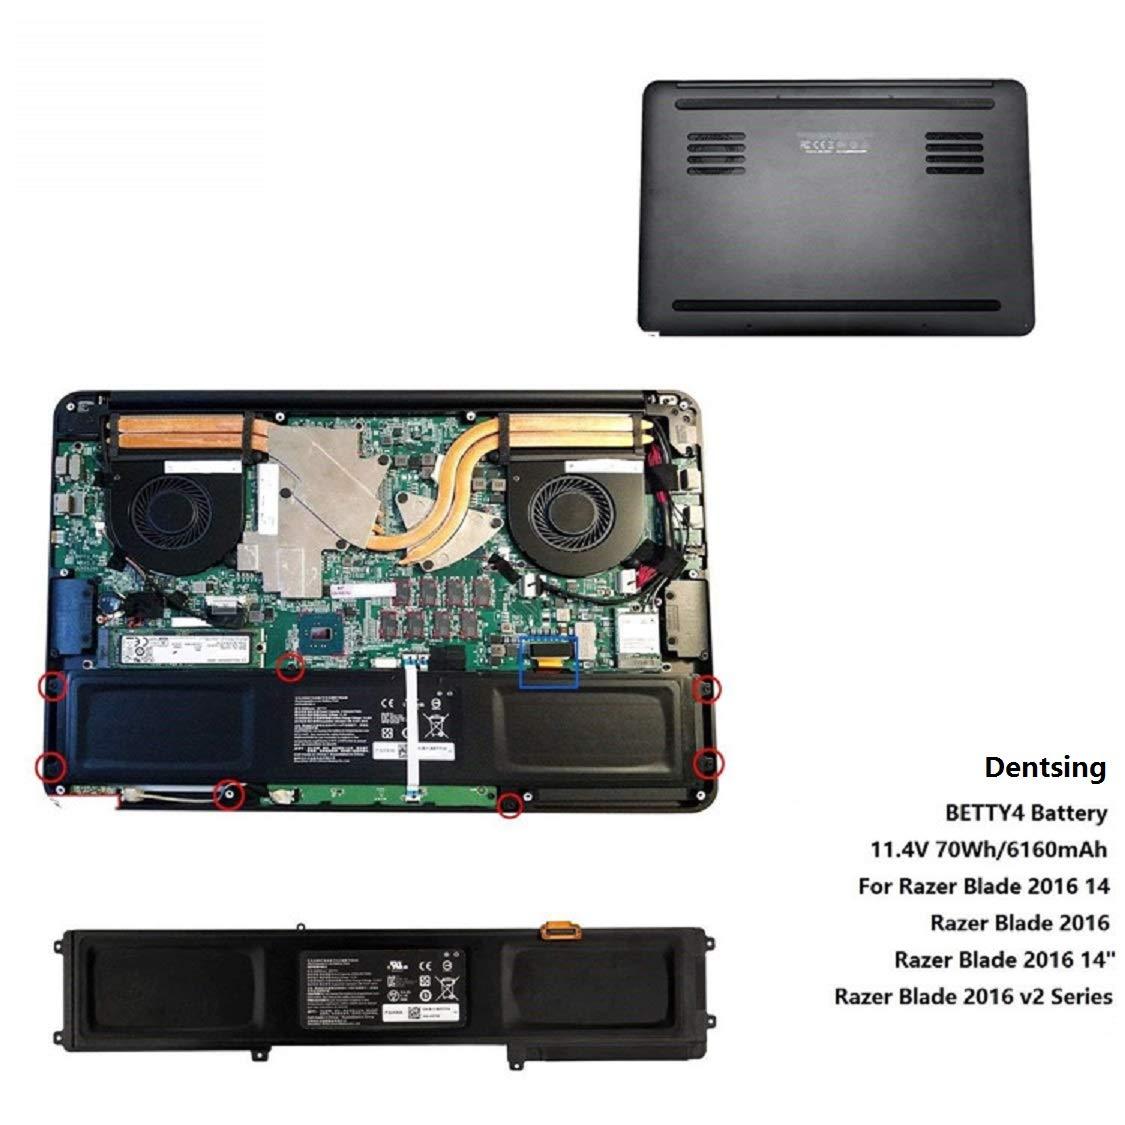 Dentsing 11.4V 6160mAh BETTY4 Battery For Razer Blade 2016 14'' V2 Series Laptop 3ICP4/56/102-2 RZ09-0195 RZ09-0165 RZ09-01953E72 CN-B-1-BETTY4-73K-06472 70Wh by Dentsing (Image #5)